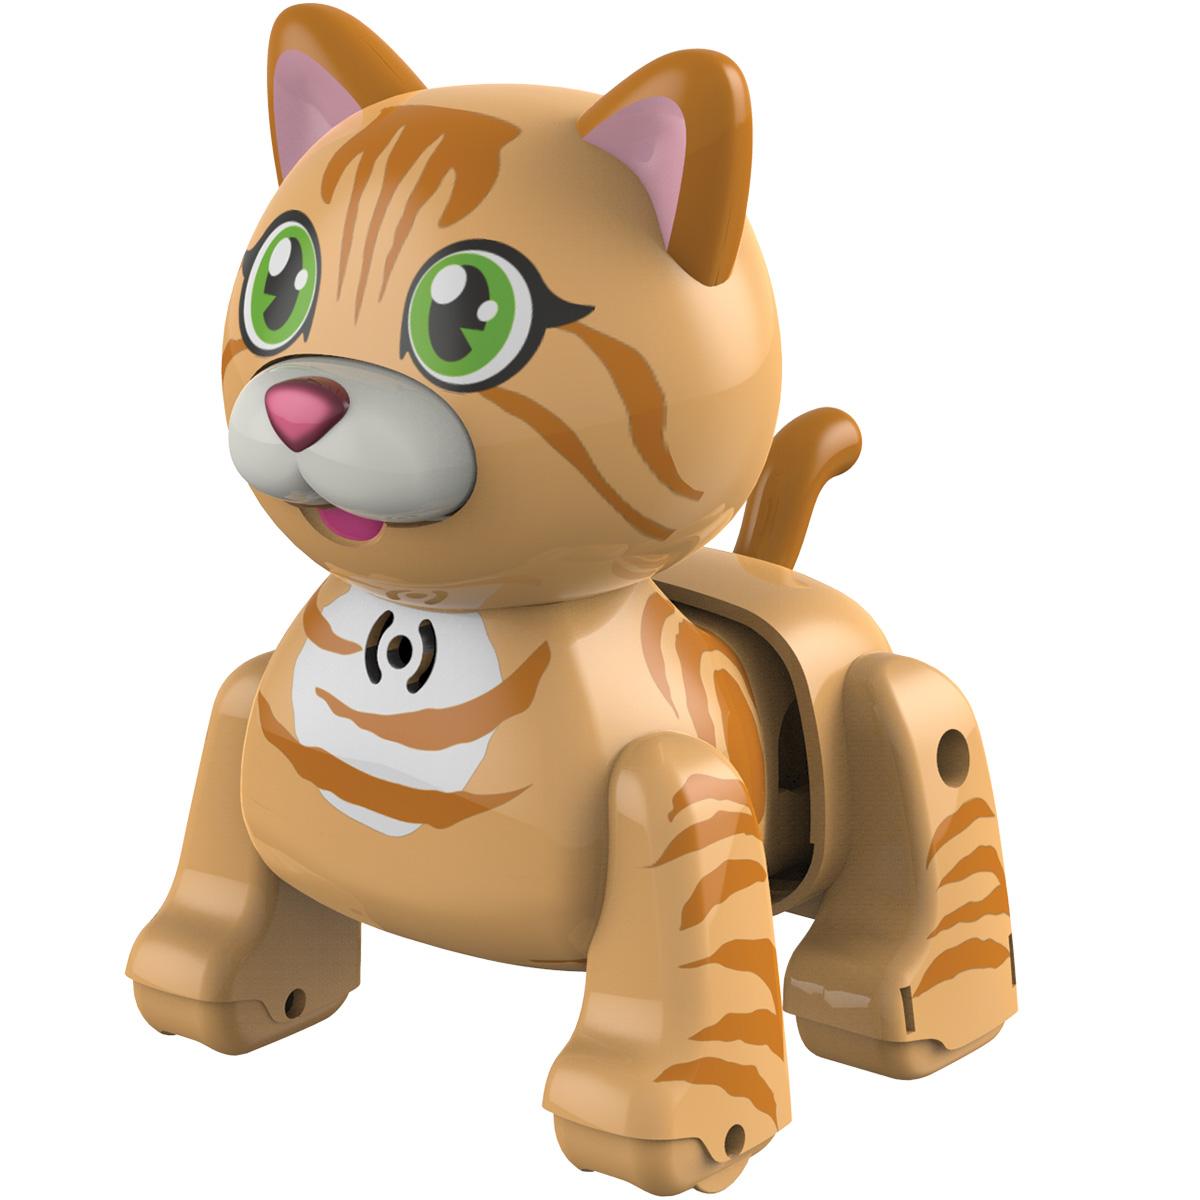 Купить со скидкой DigiKittens - Американская короткошерстная кошка (звук, движение)